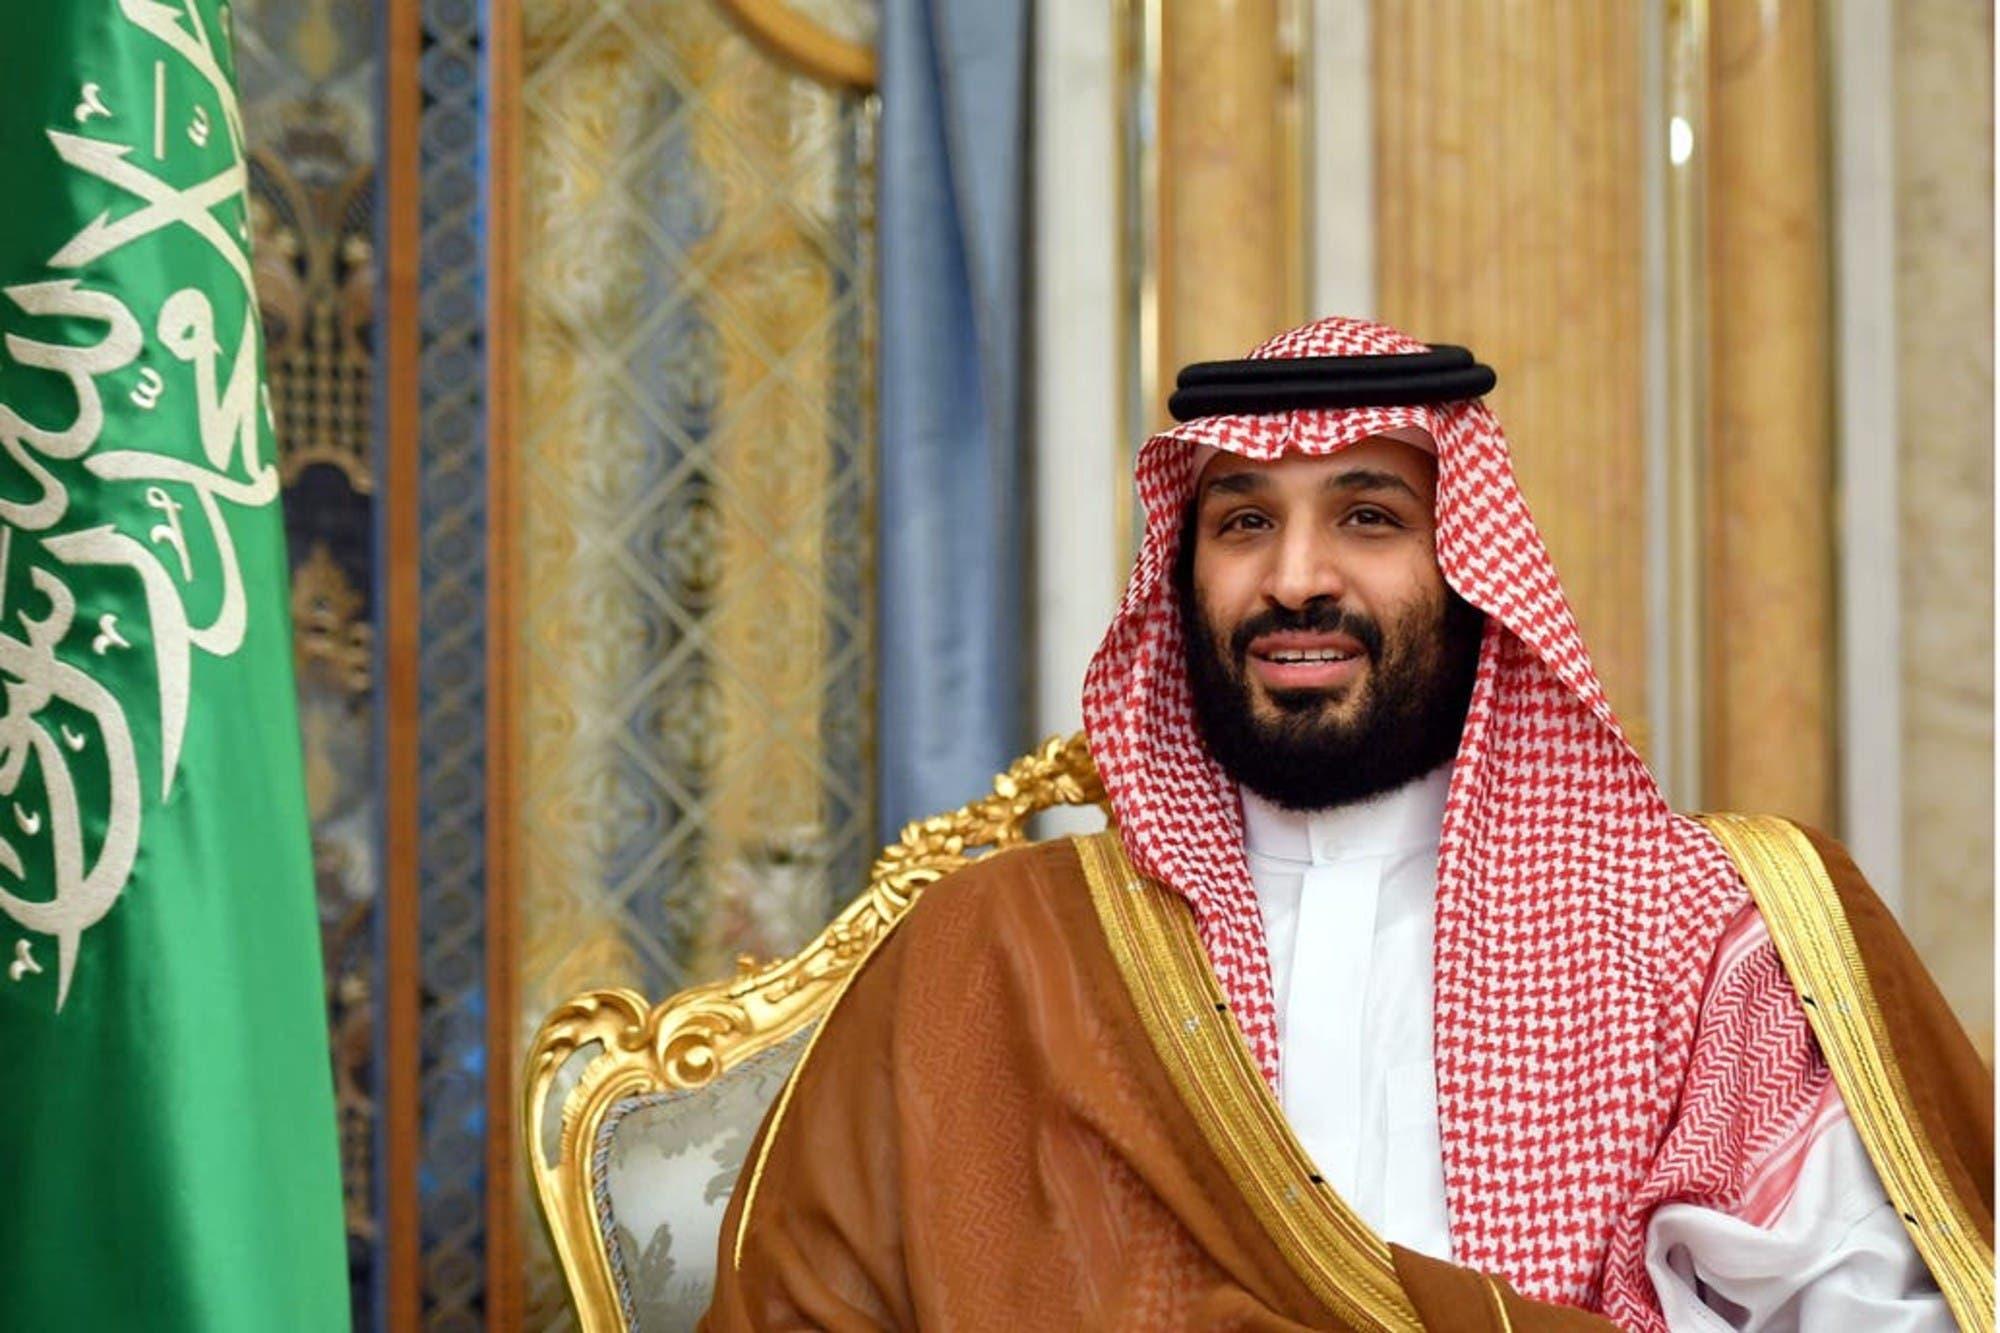 Arabia Saudita habilita sus fronteras con Qatar tras años de conflicto